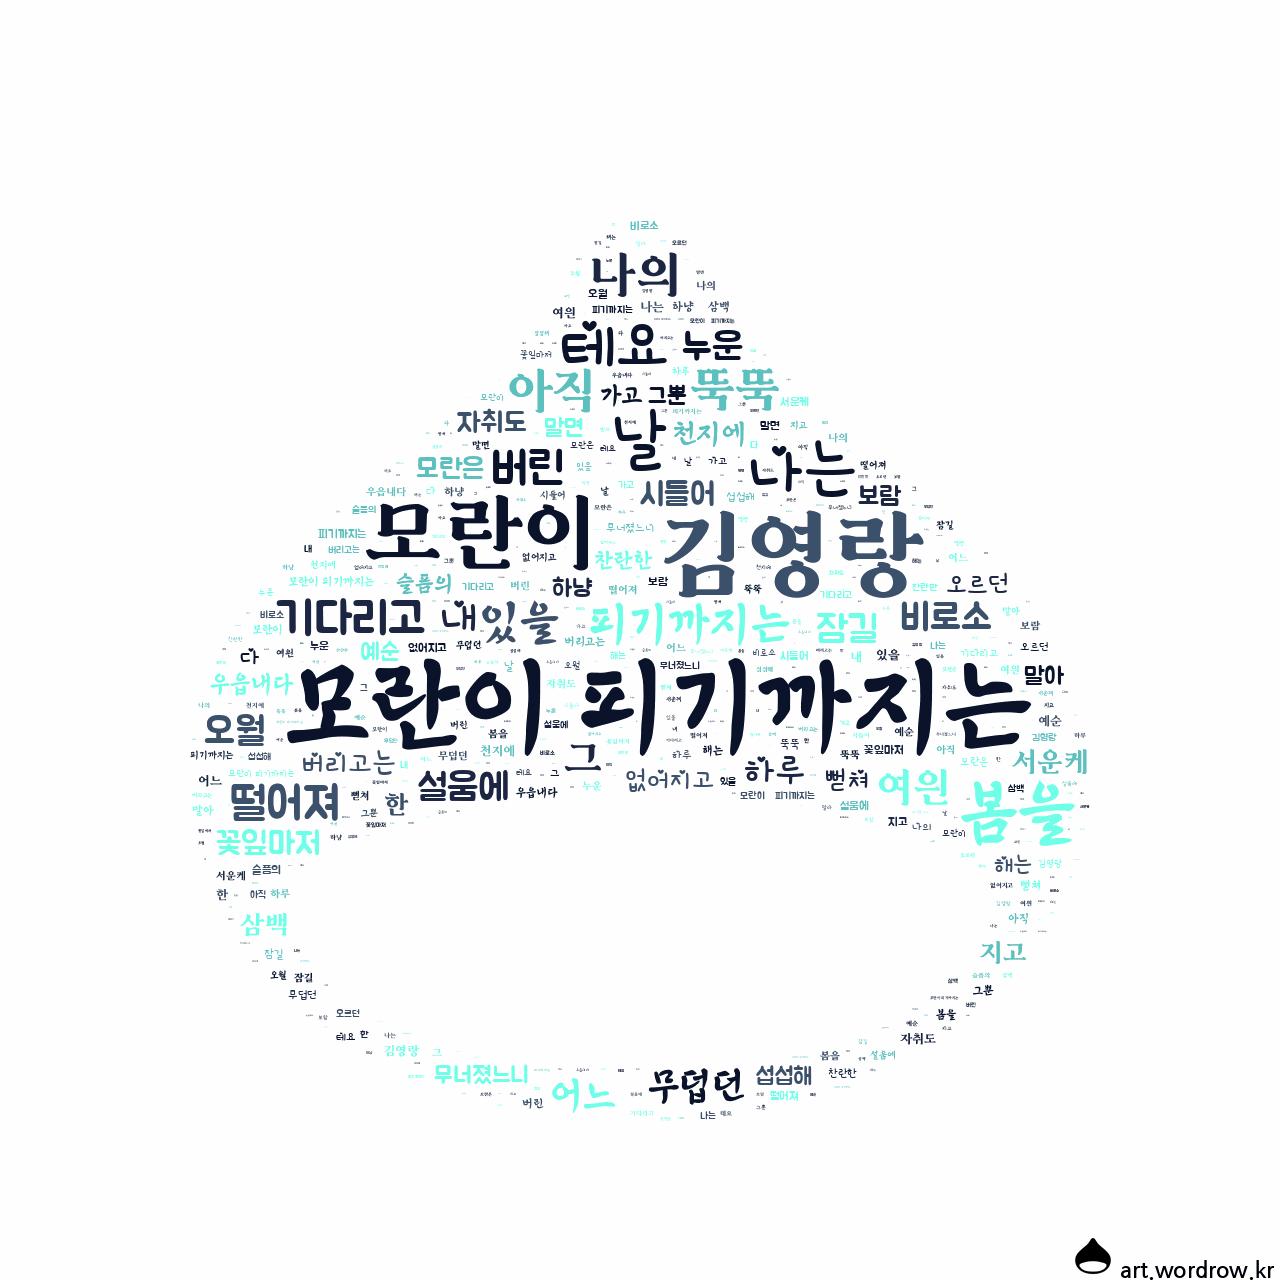 워드 클라우드: 모란이 피기까지는 [김영랑]-2